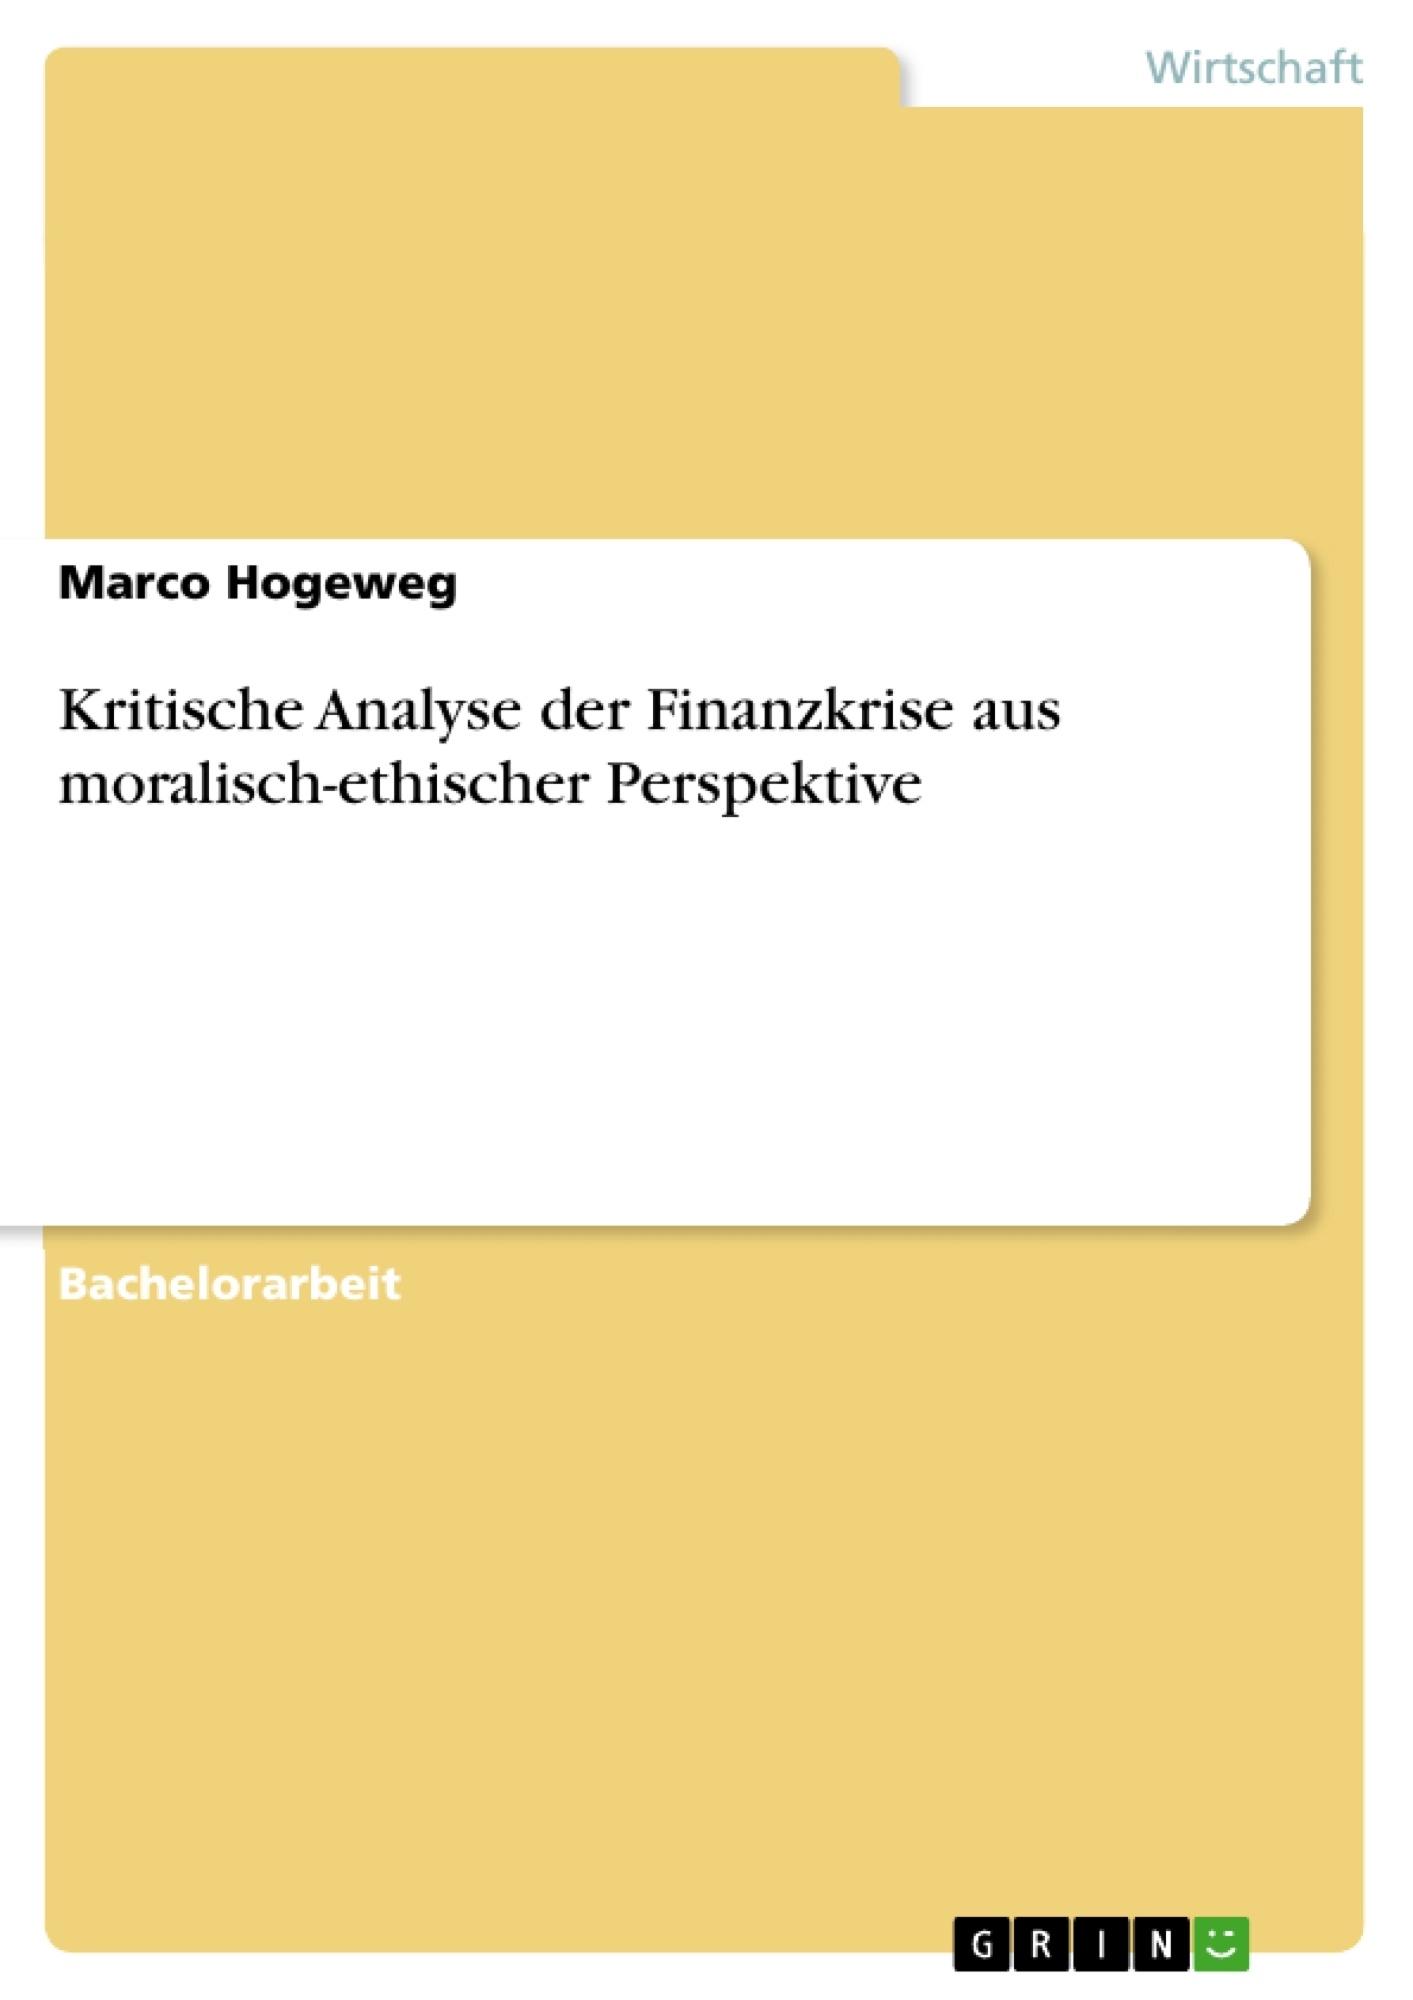 Titel: Kritische Analyse der Finanzkrise aus moralisch-ethischer Perspektive